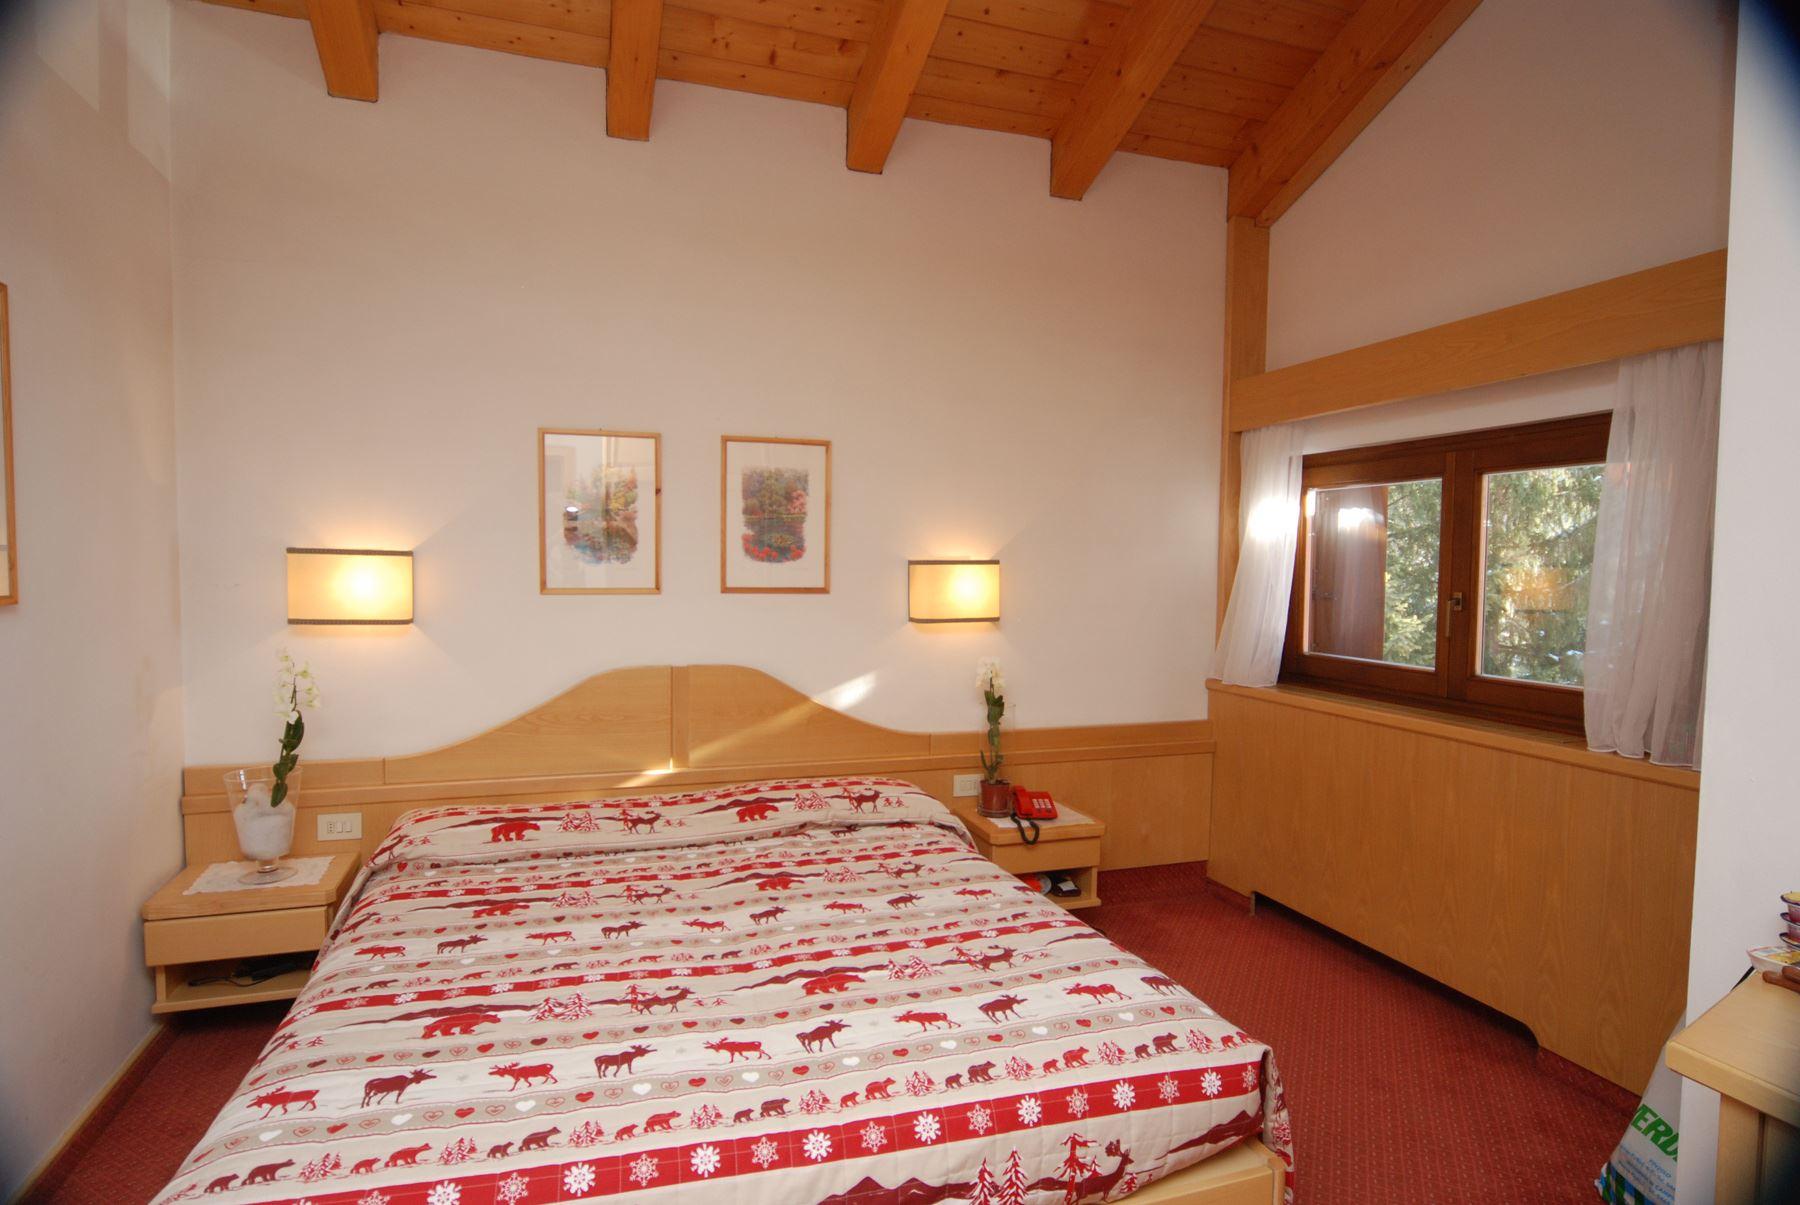 Hotel Cristiania - Madonna Di Campiglio